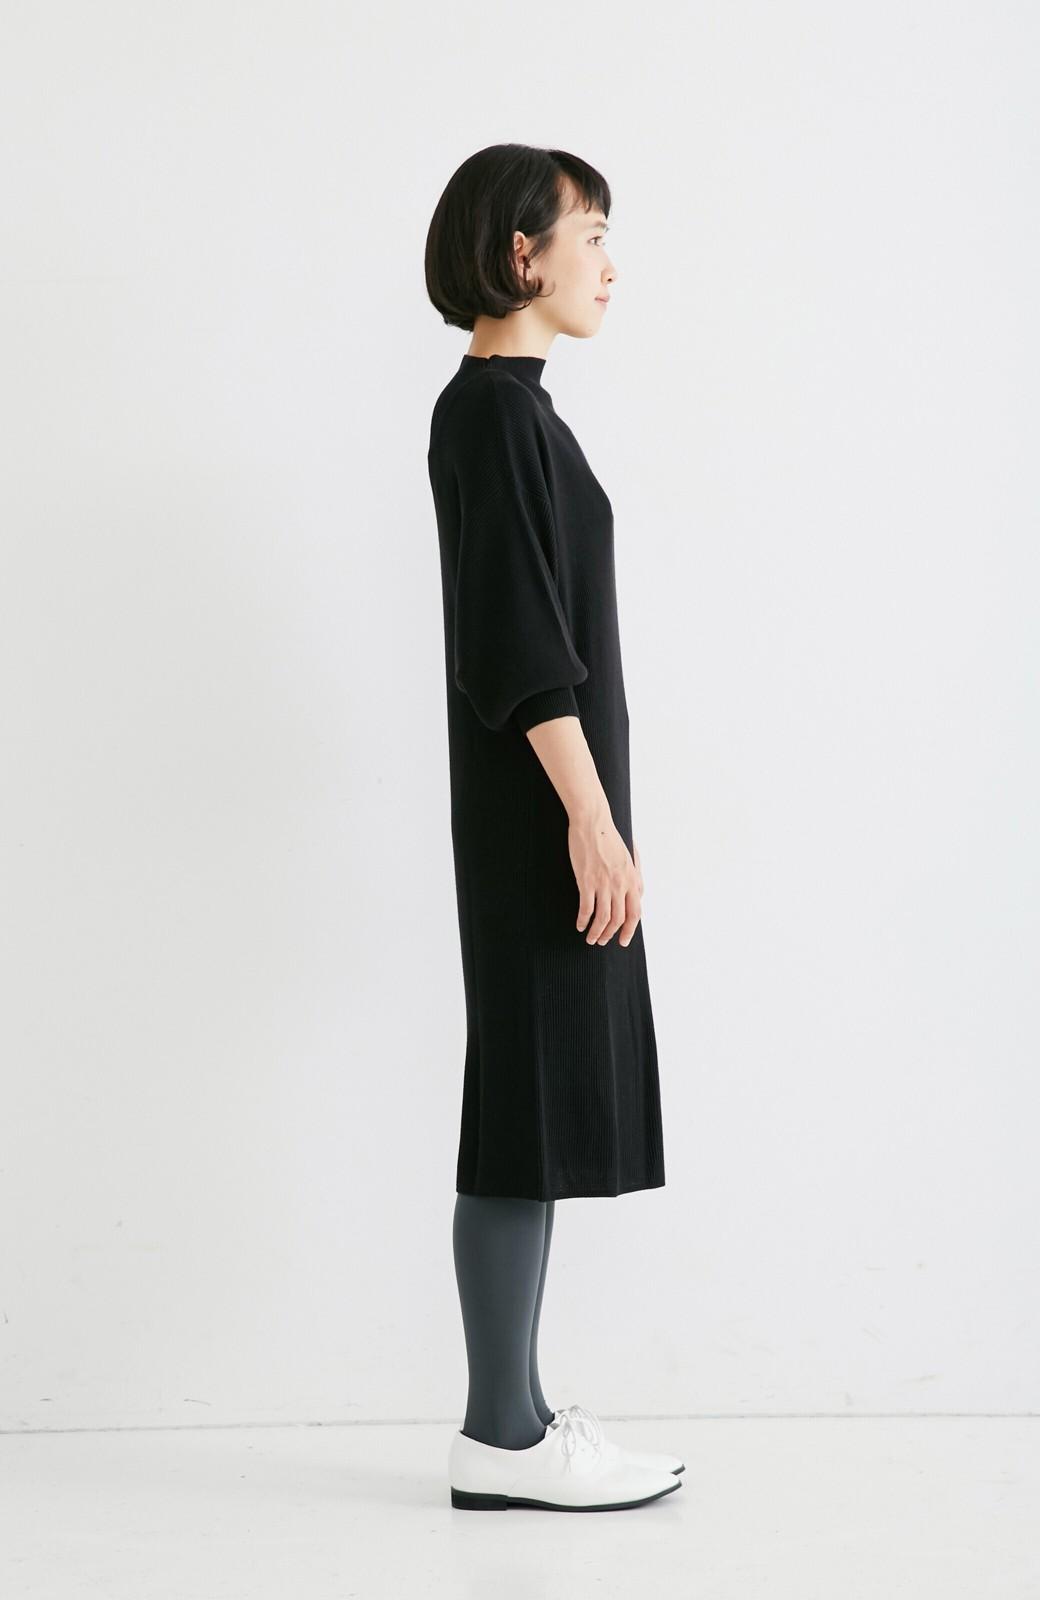 エムトロワ 吸湿発熱素材の袖ぷっくりリブニットワンピース <ブラック>の商品写真5